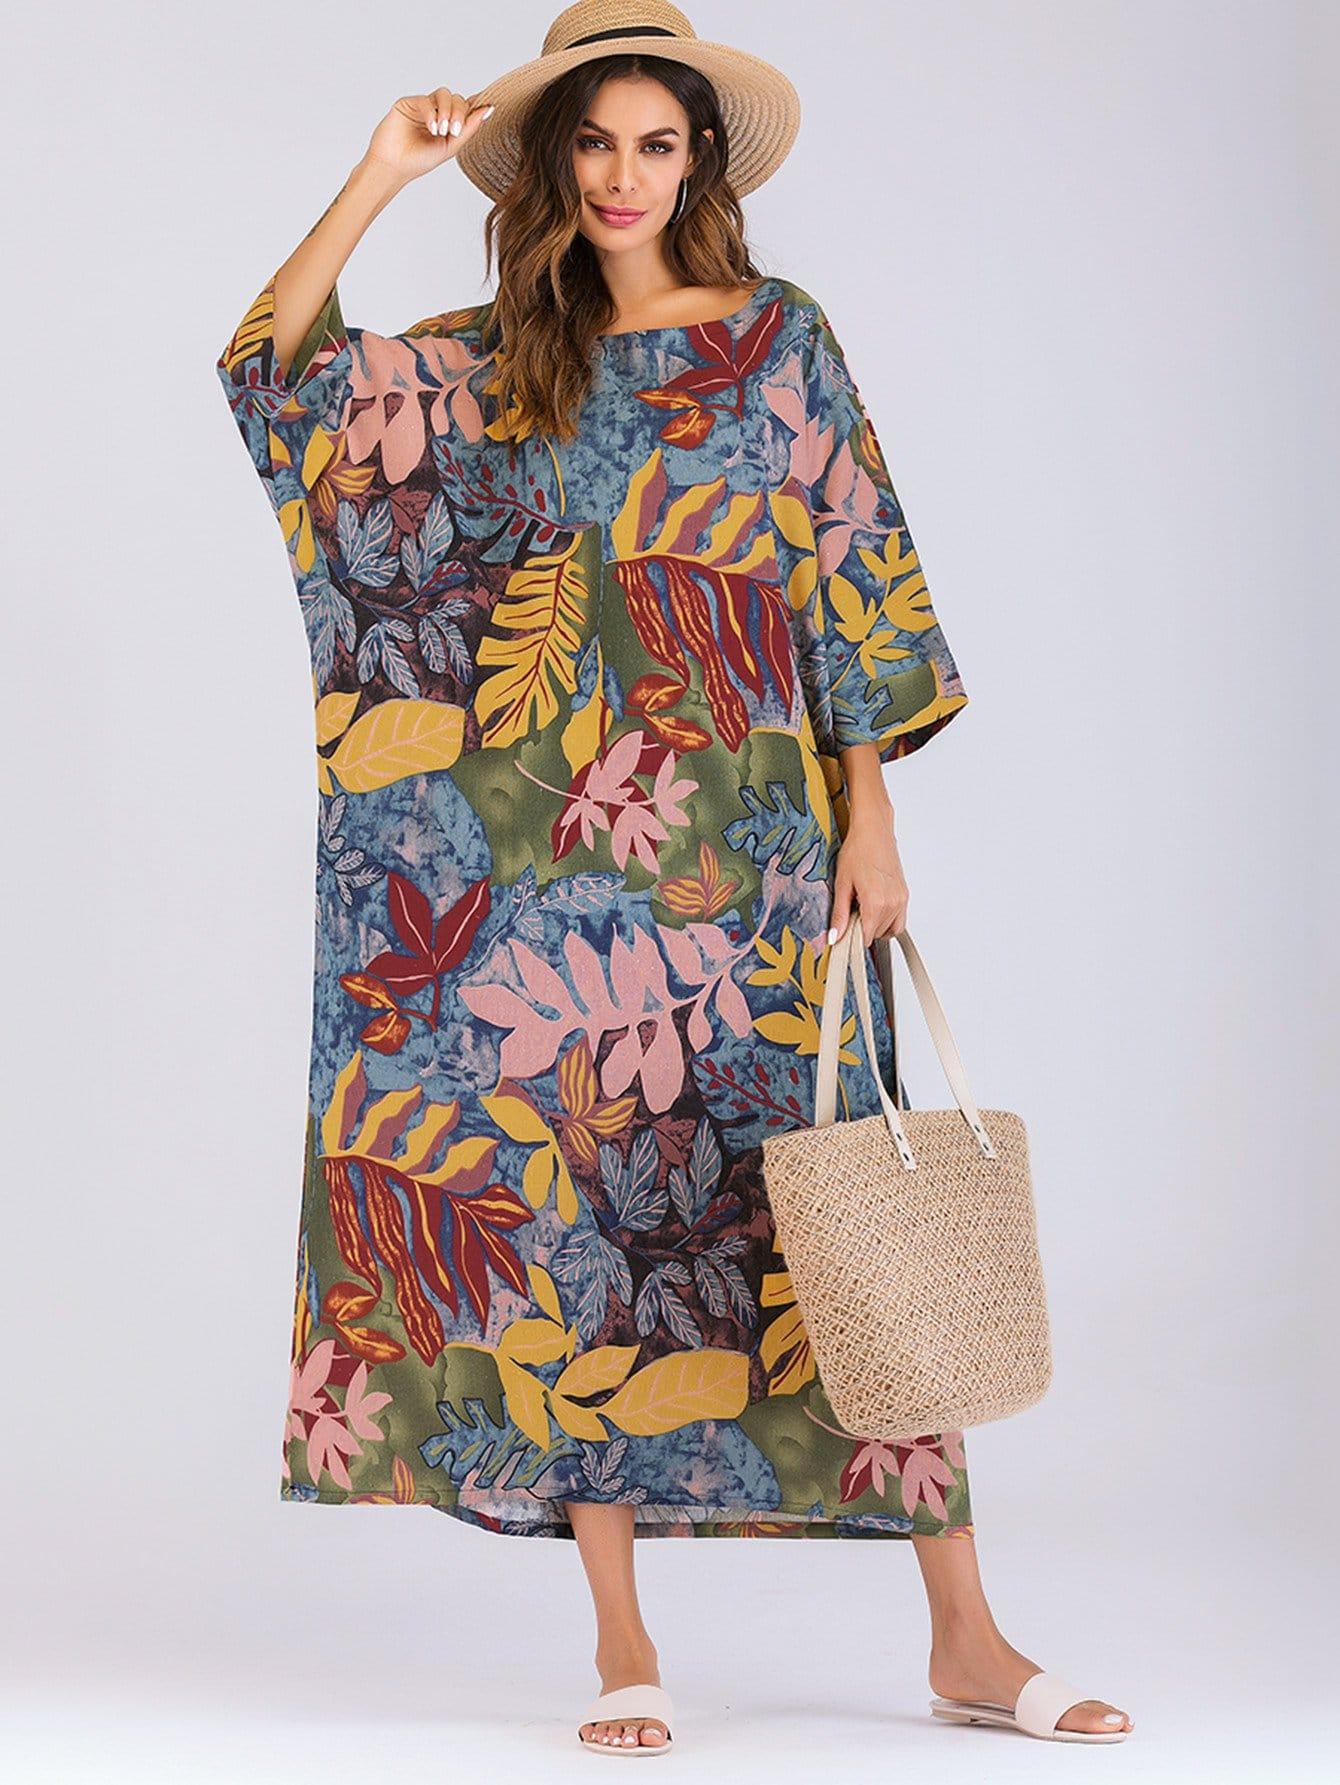 Купить Длинное платье с рисунками листьев, null, SheIn